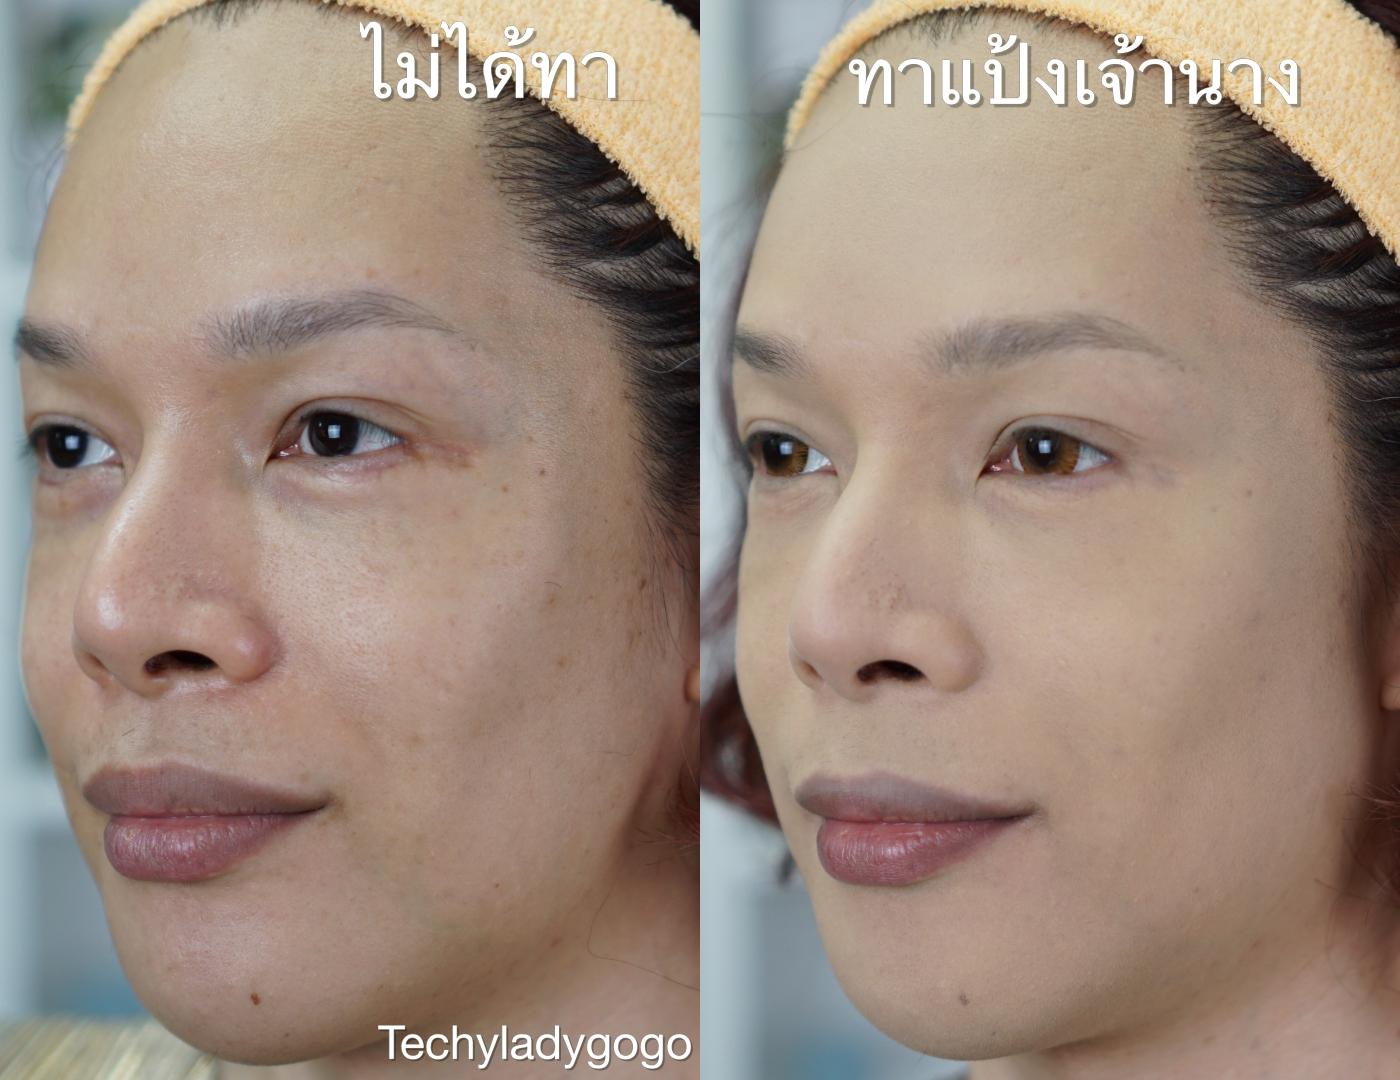 รีวิวแป้งเจ้านาง Chao Nang Perfect Bright UV 2 Way Powder Foundation แป้งรองพื้นสวยเนียนใส